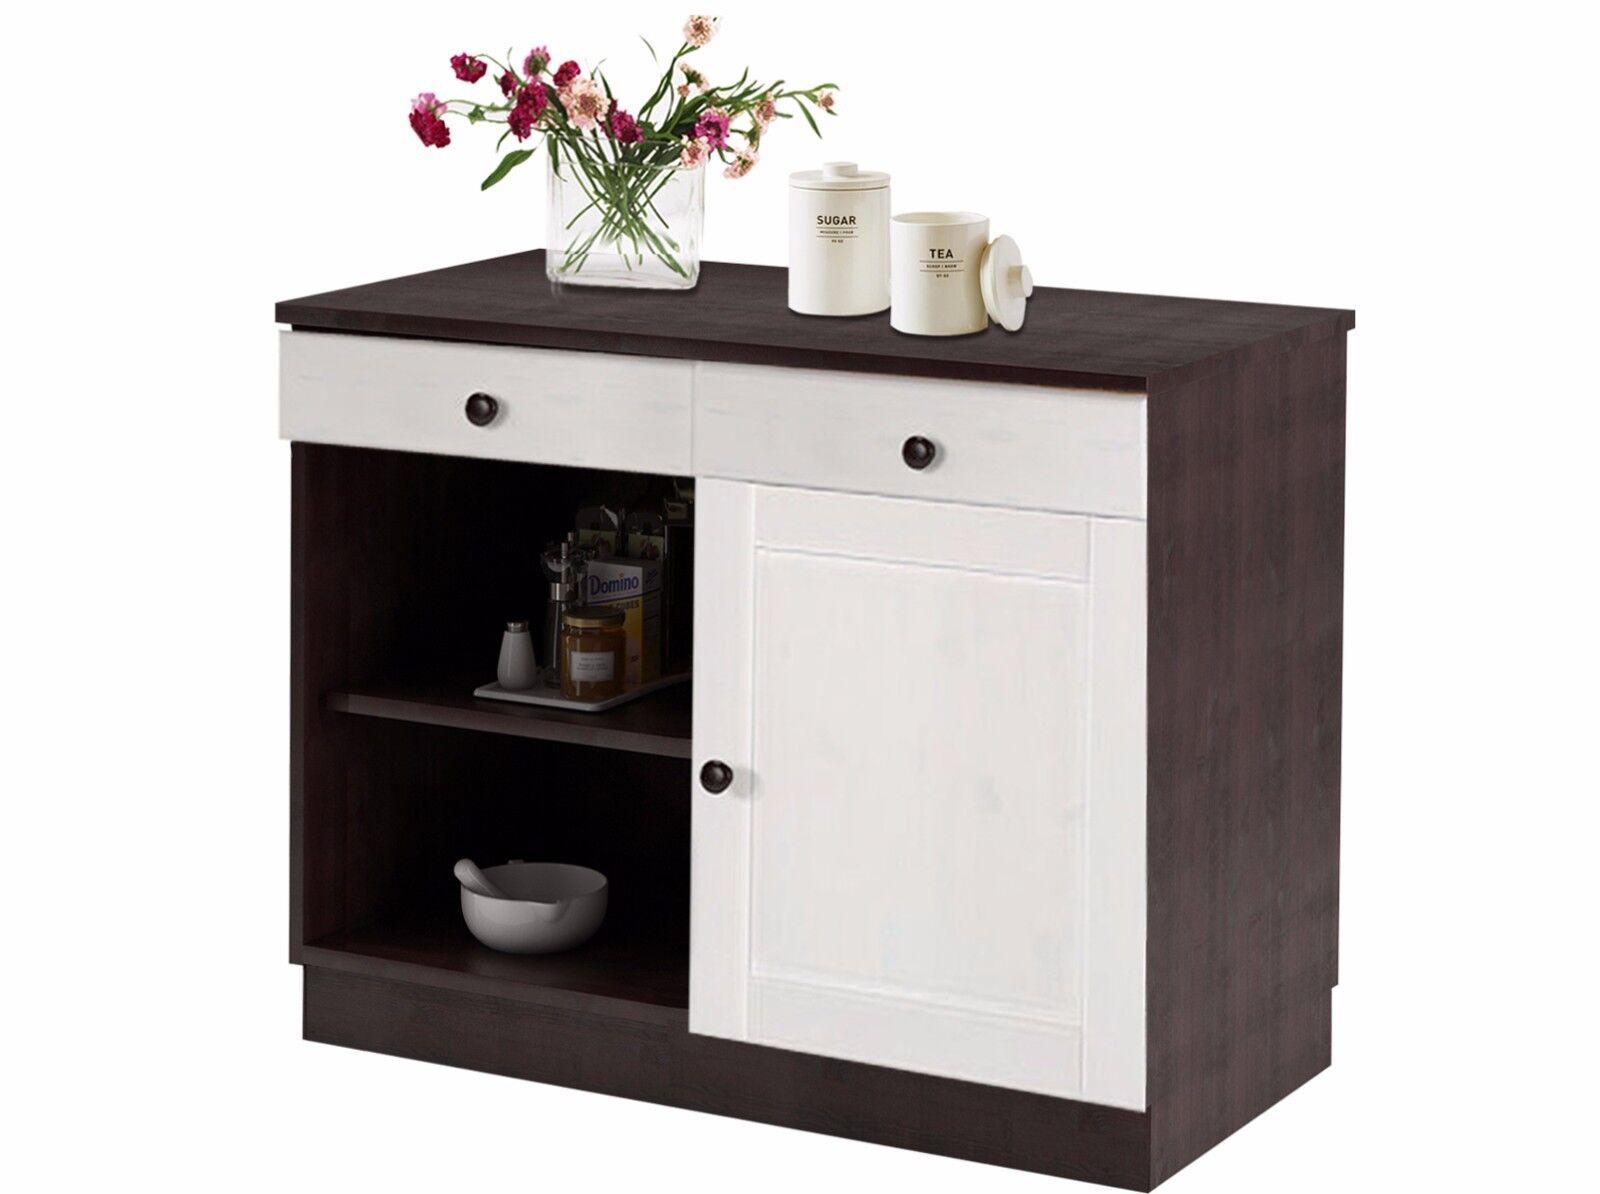 Küchenunterschrank Unterschrank Küchenschrank Küche Küche Küche Schrank  Kiefer Weiß Braun E98528